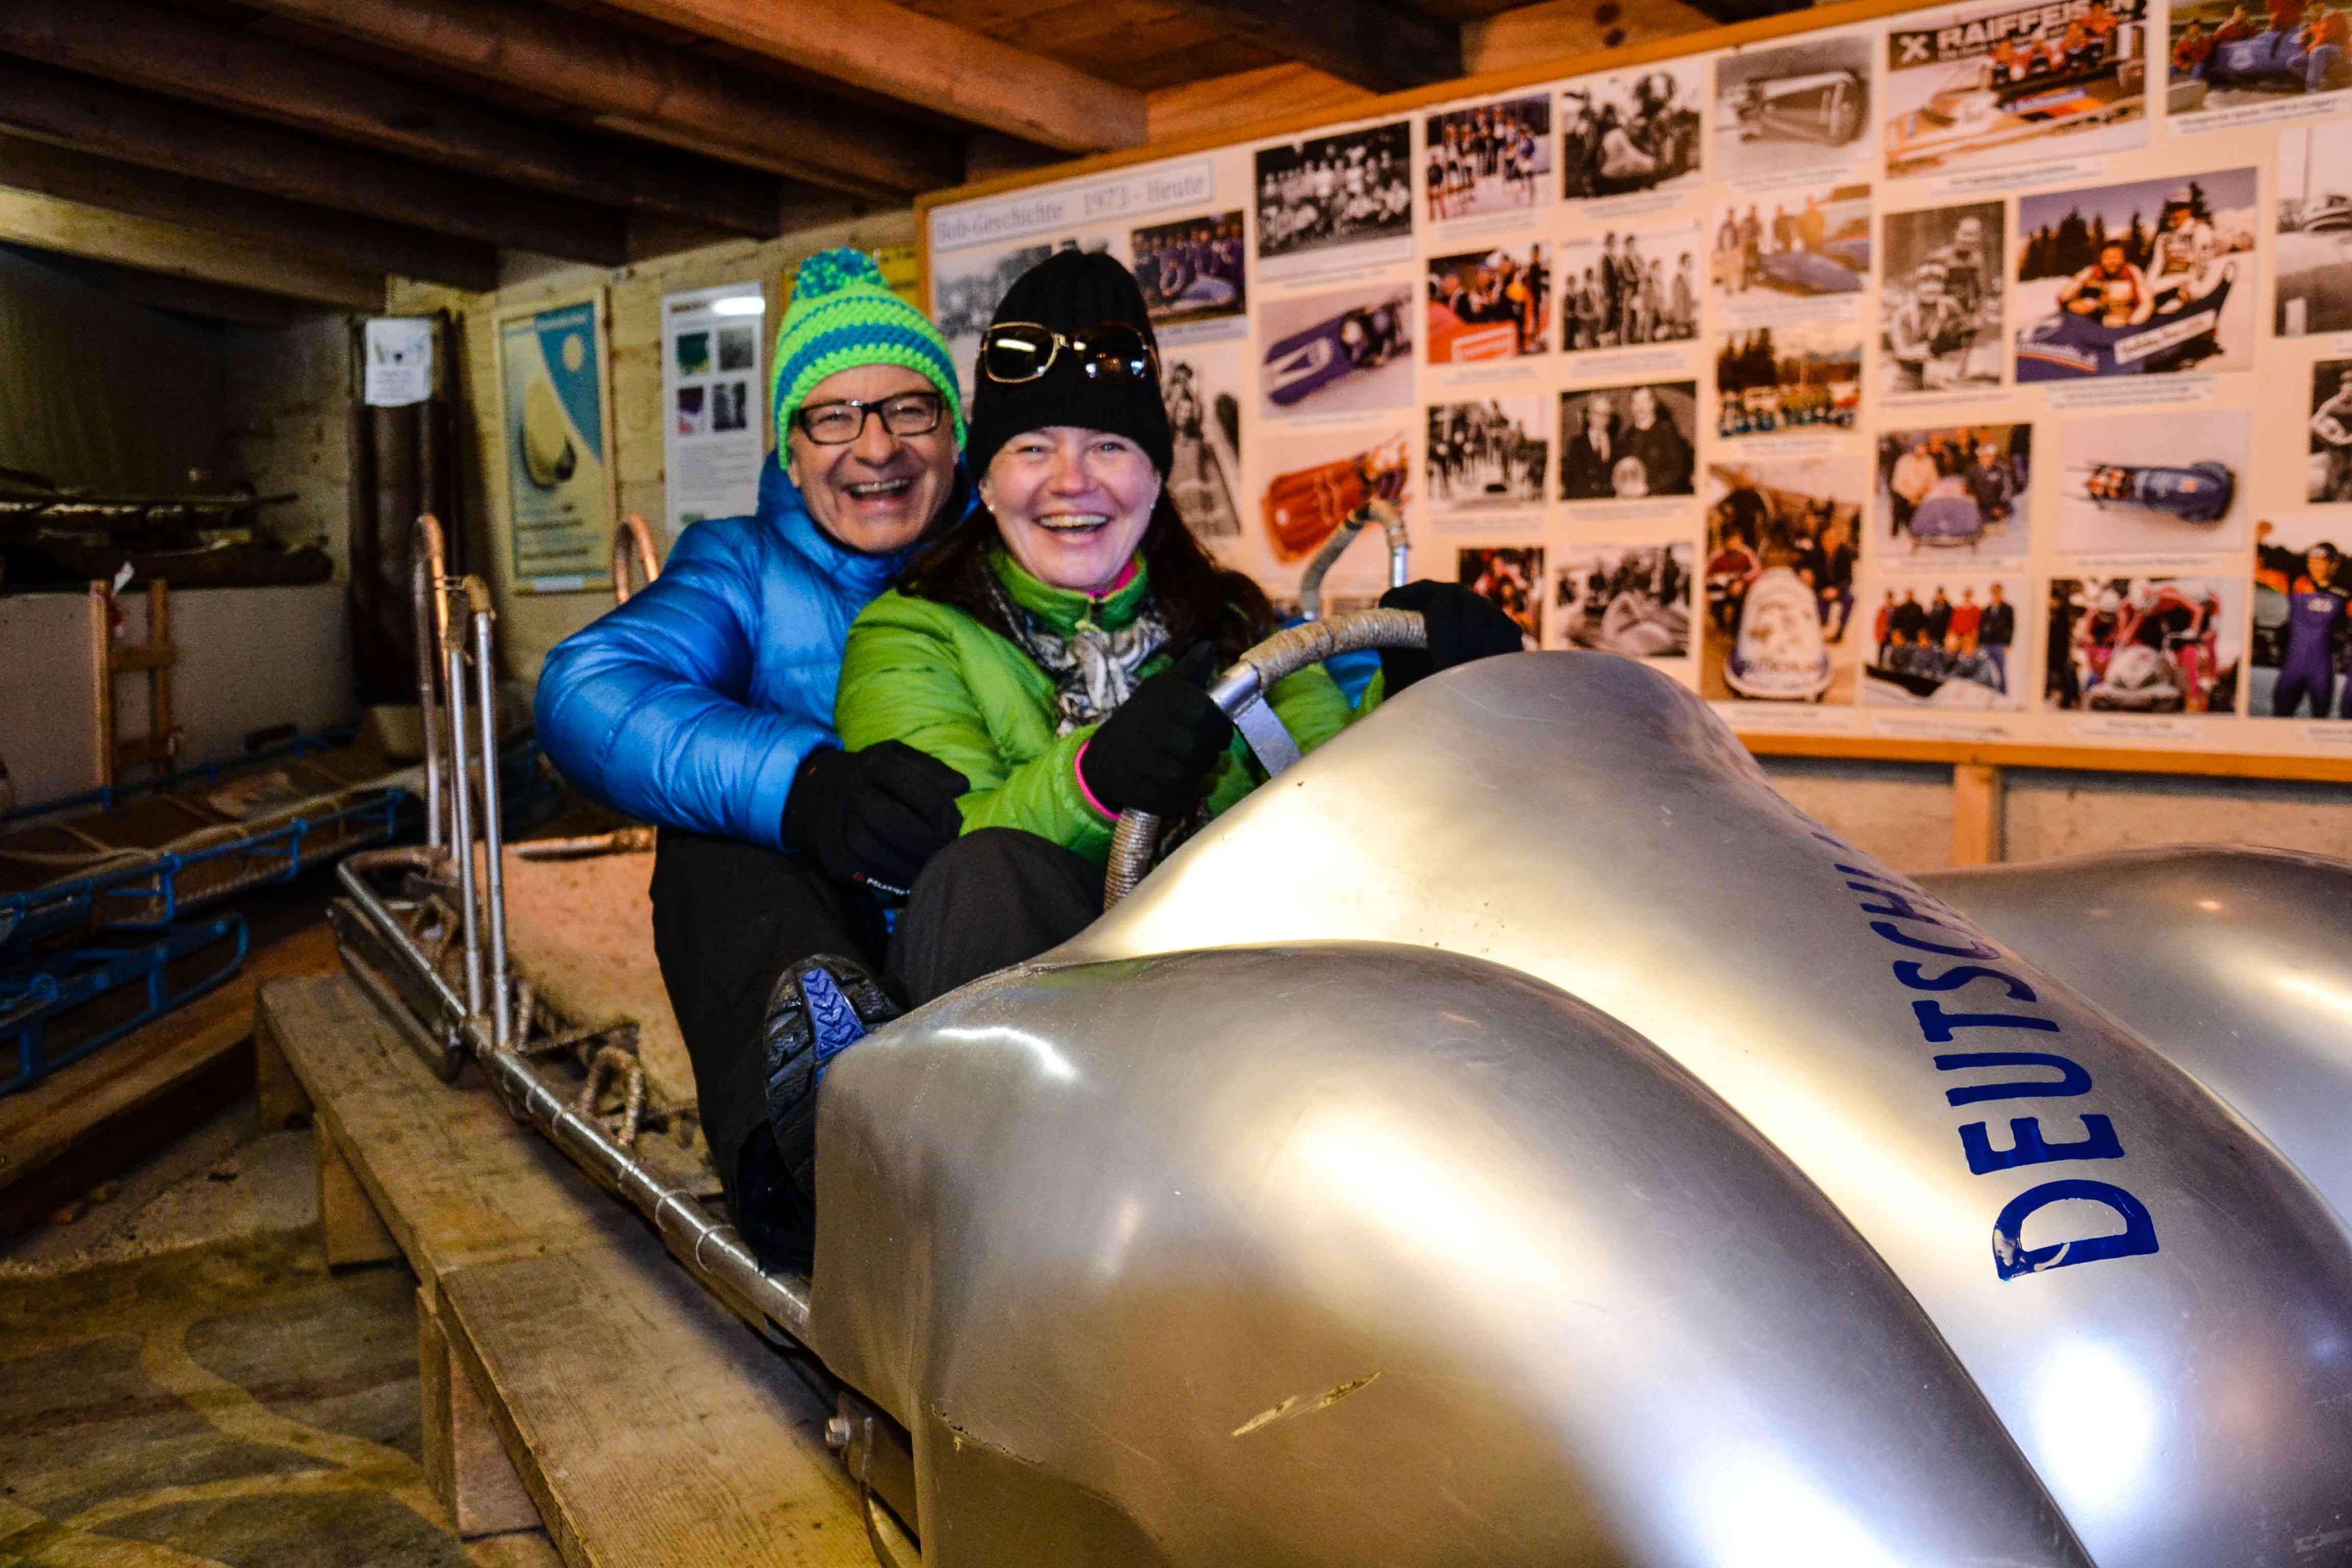 Mit dem ehemaligen Bobrennfahrer Wolfgang Hostmann im deutschen Siegerbob bei den Olympischen Spielen von Oslo. Foto: Jens Rümmler